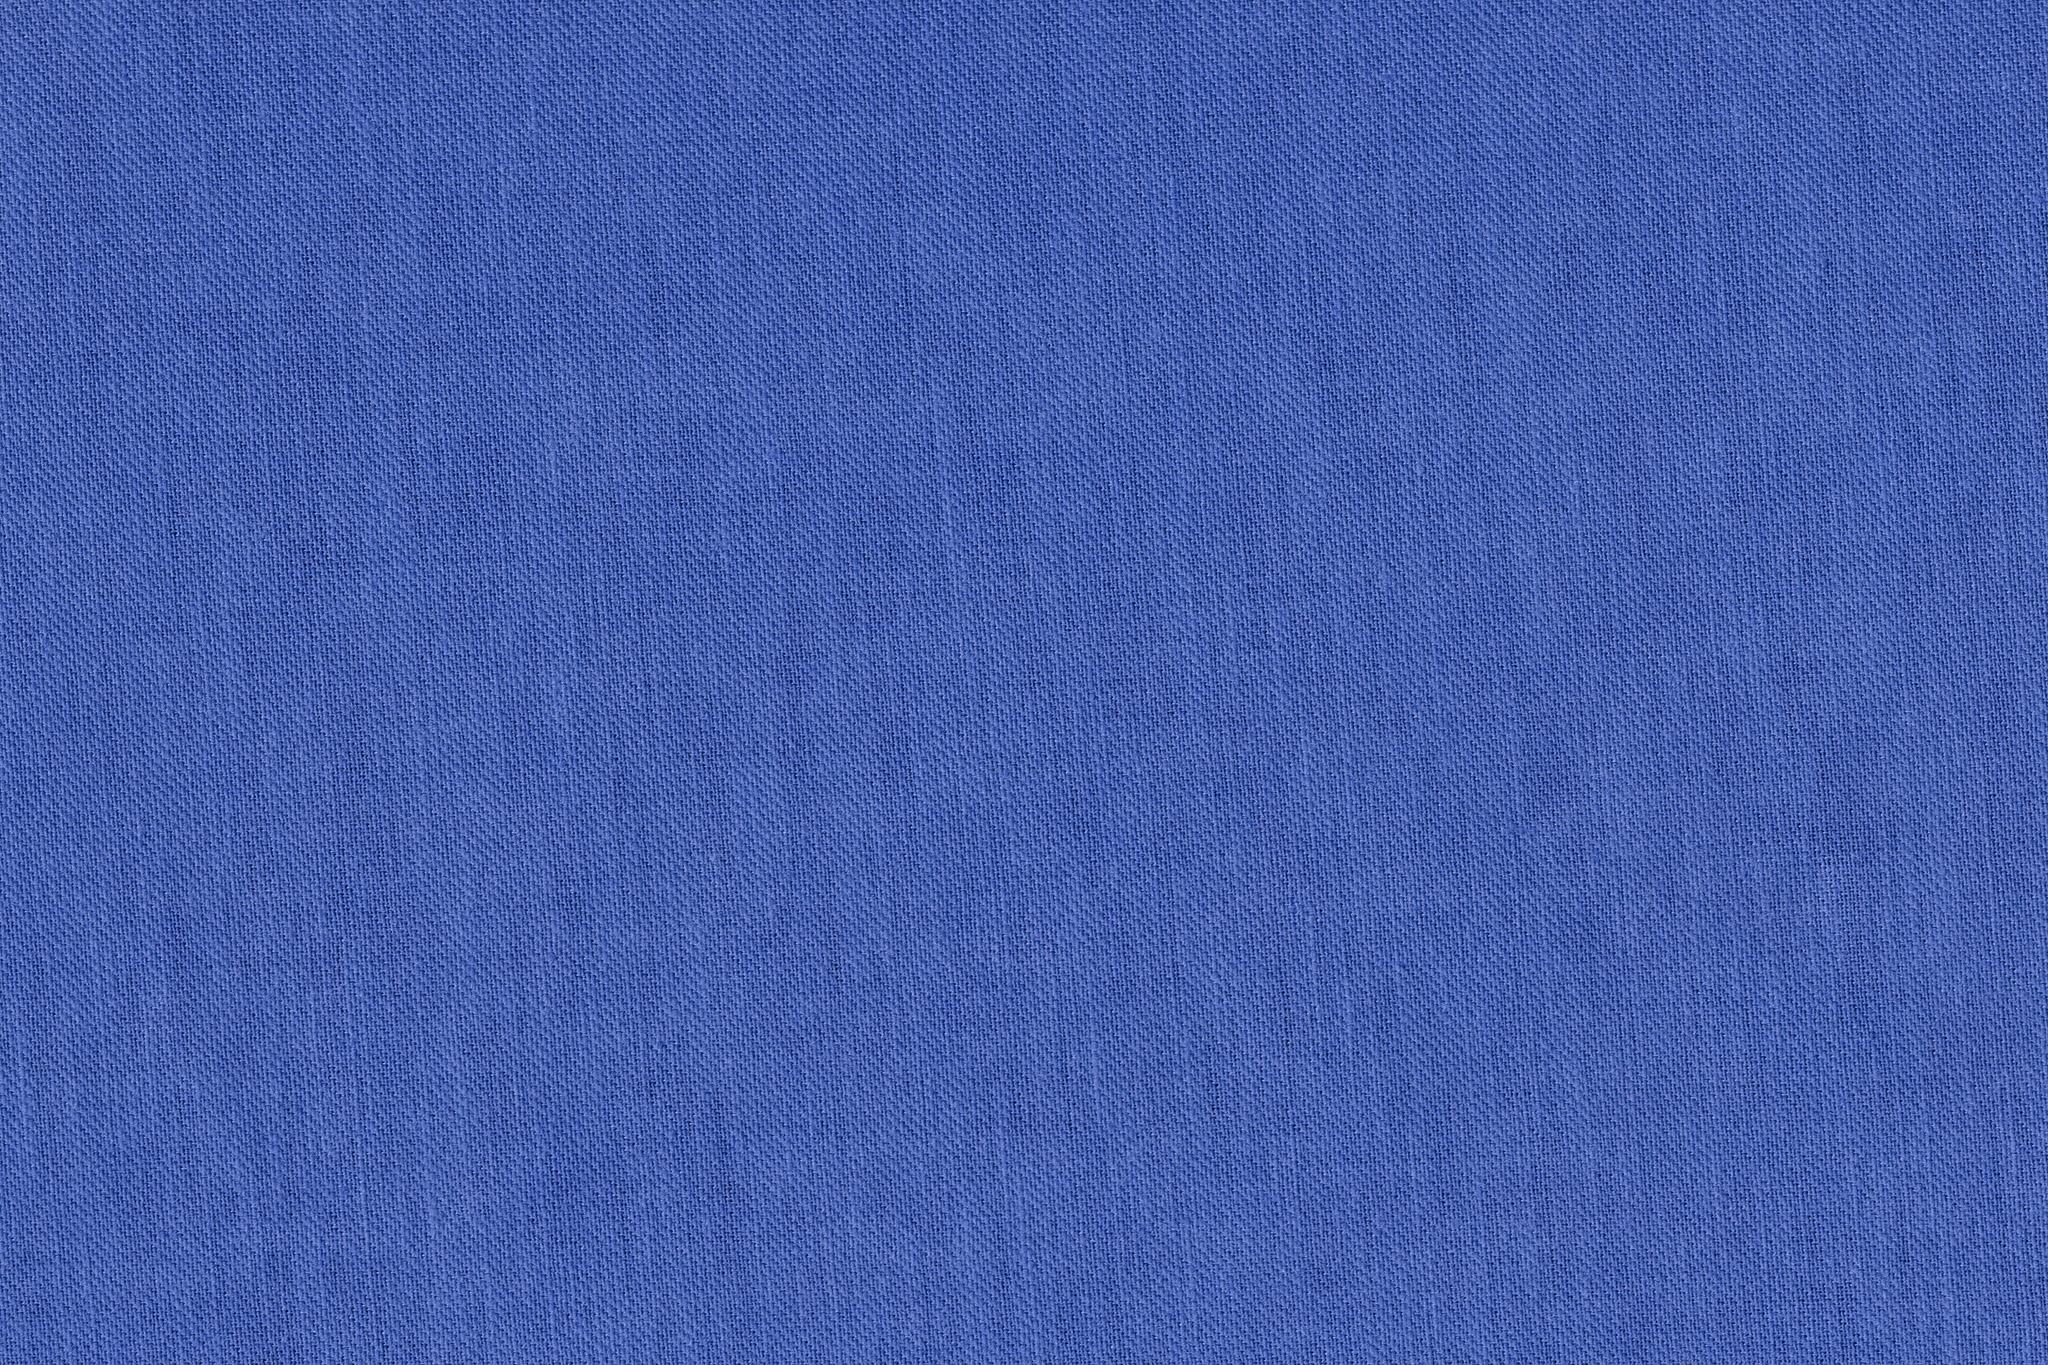 「青い布の背景イメージ」